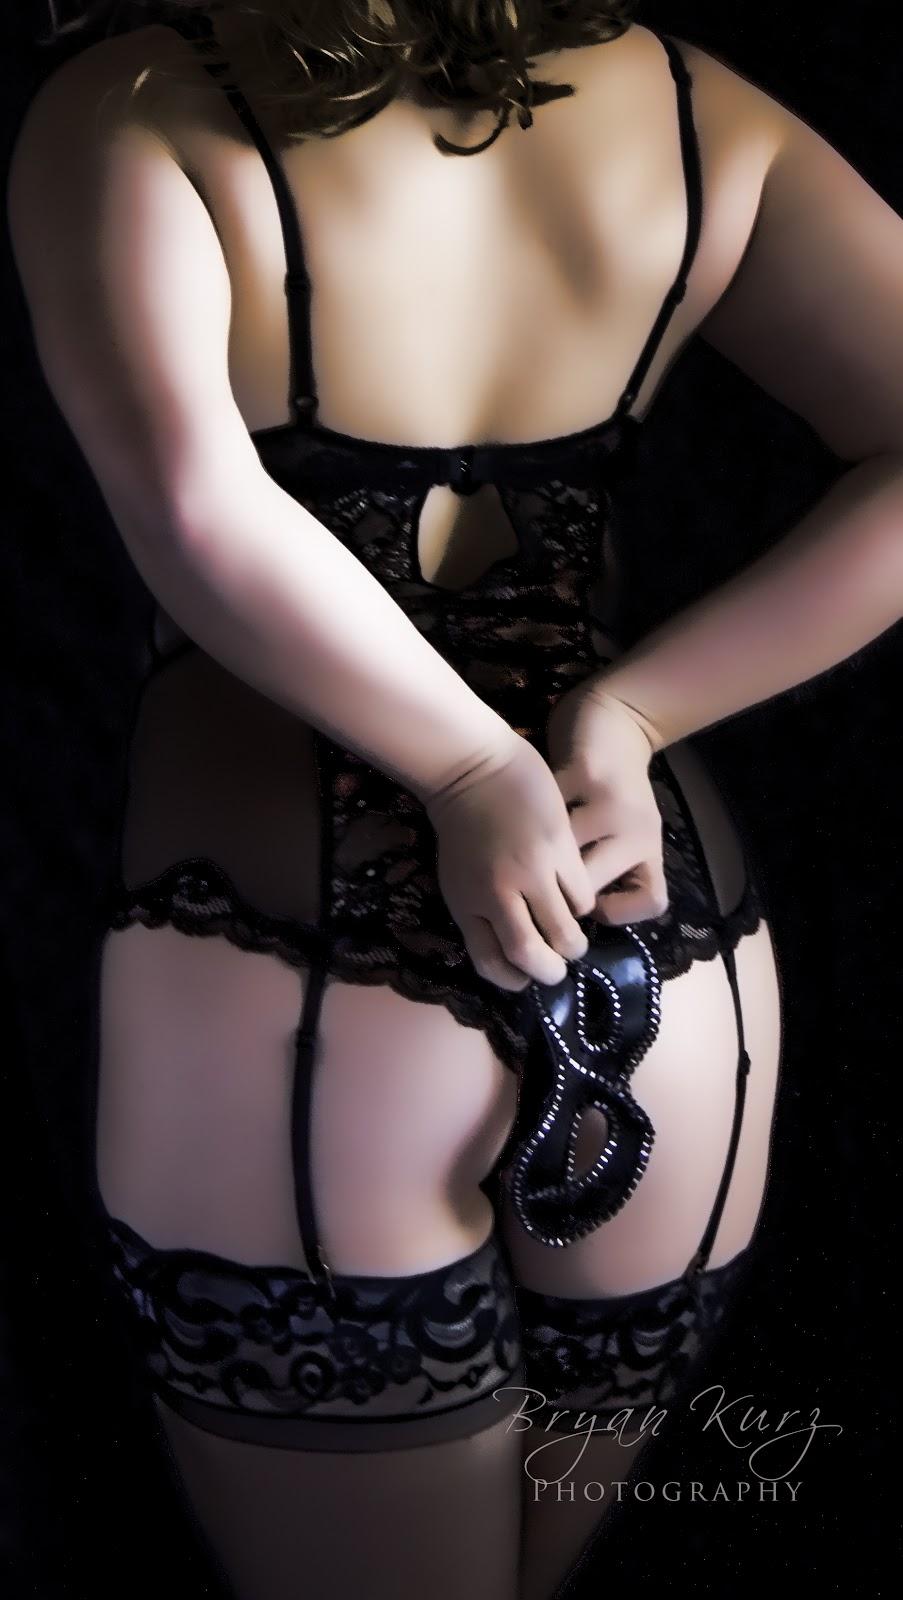 marissa miller nude photoshoot